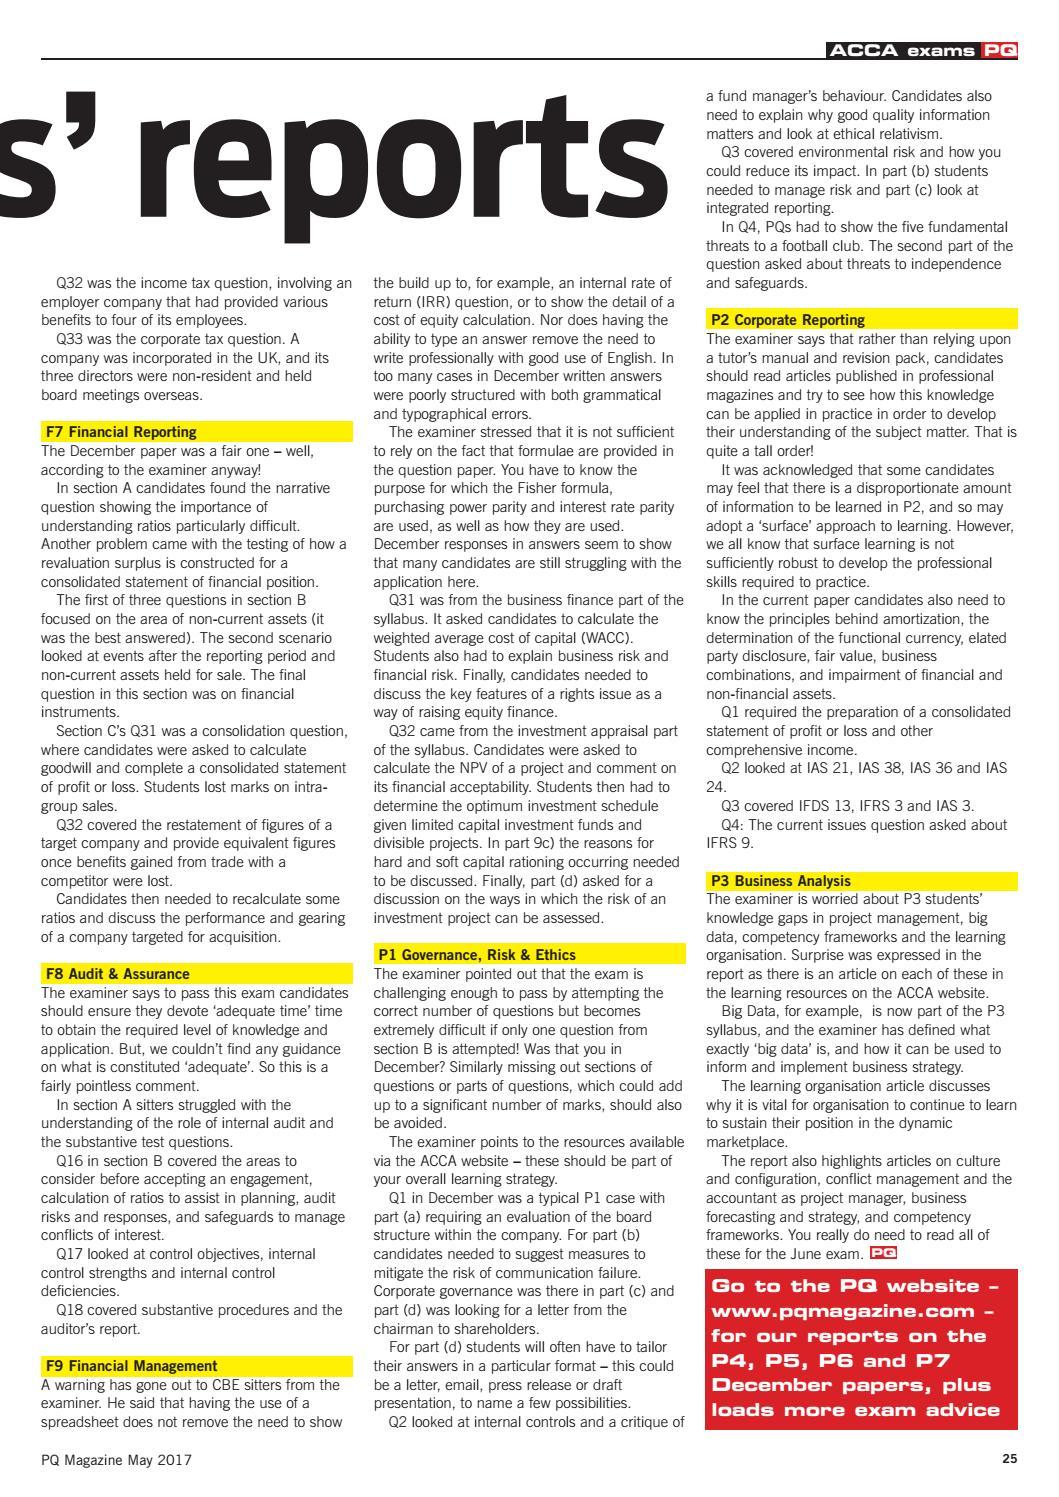 PQ magazine, May 2017 by PQ magazine - issuu